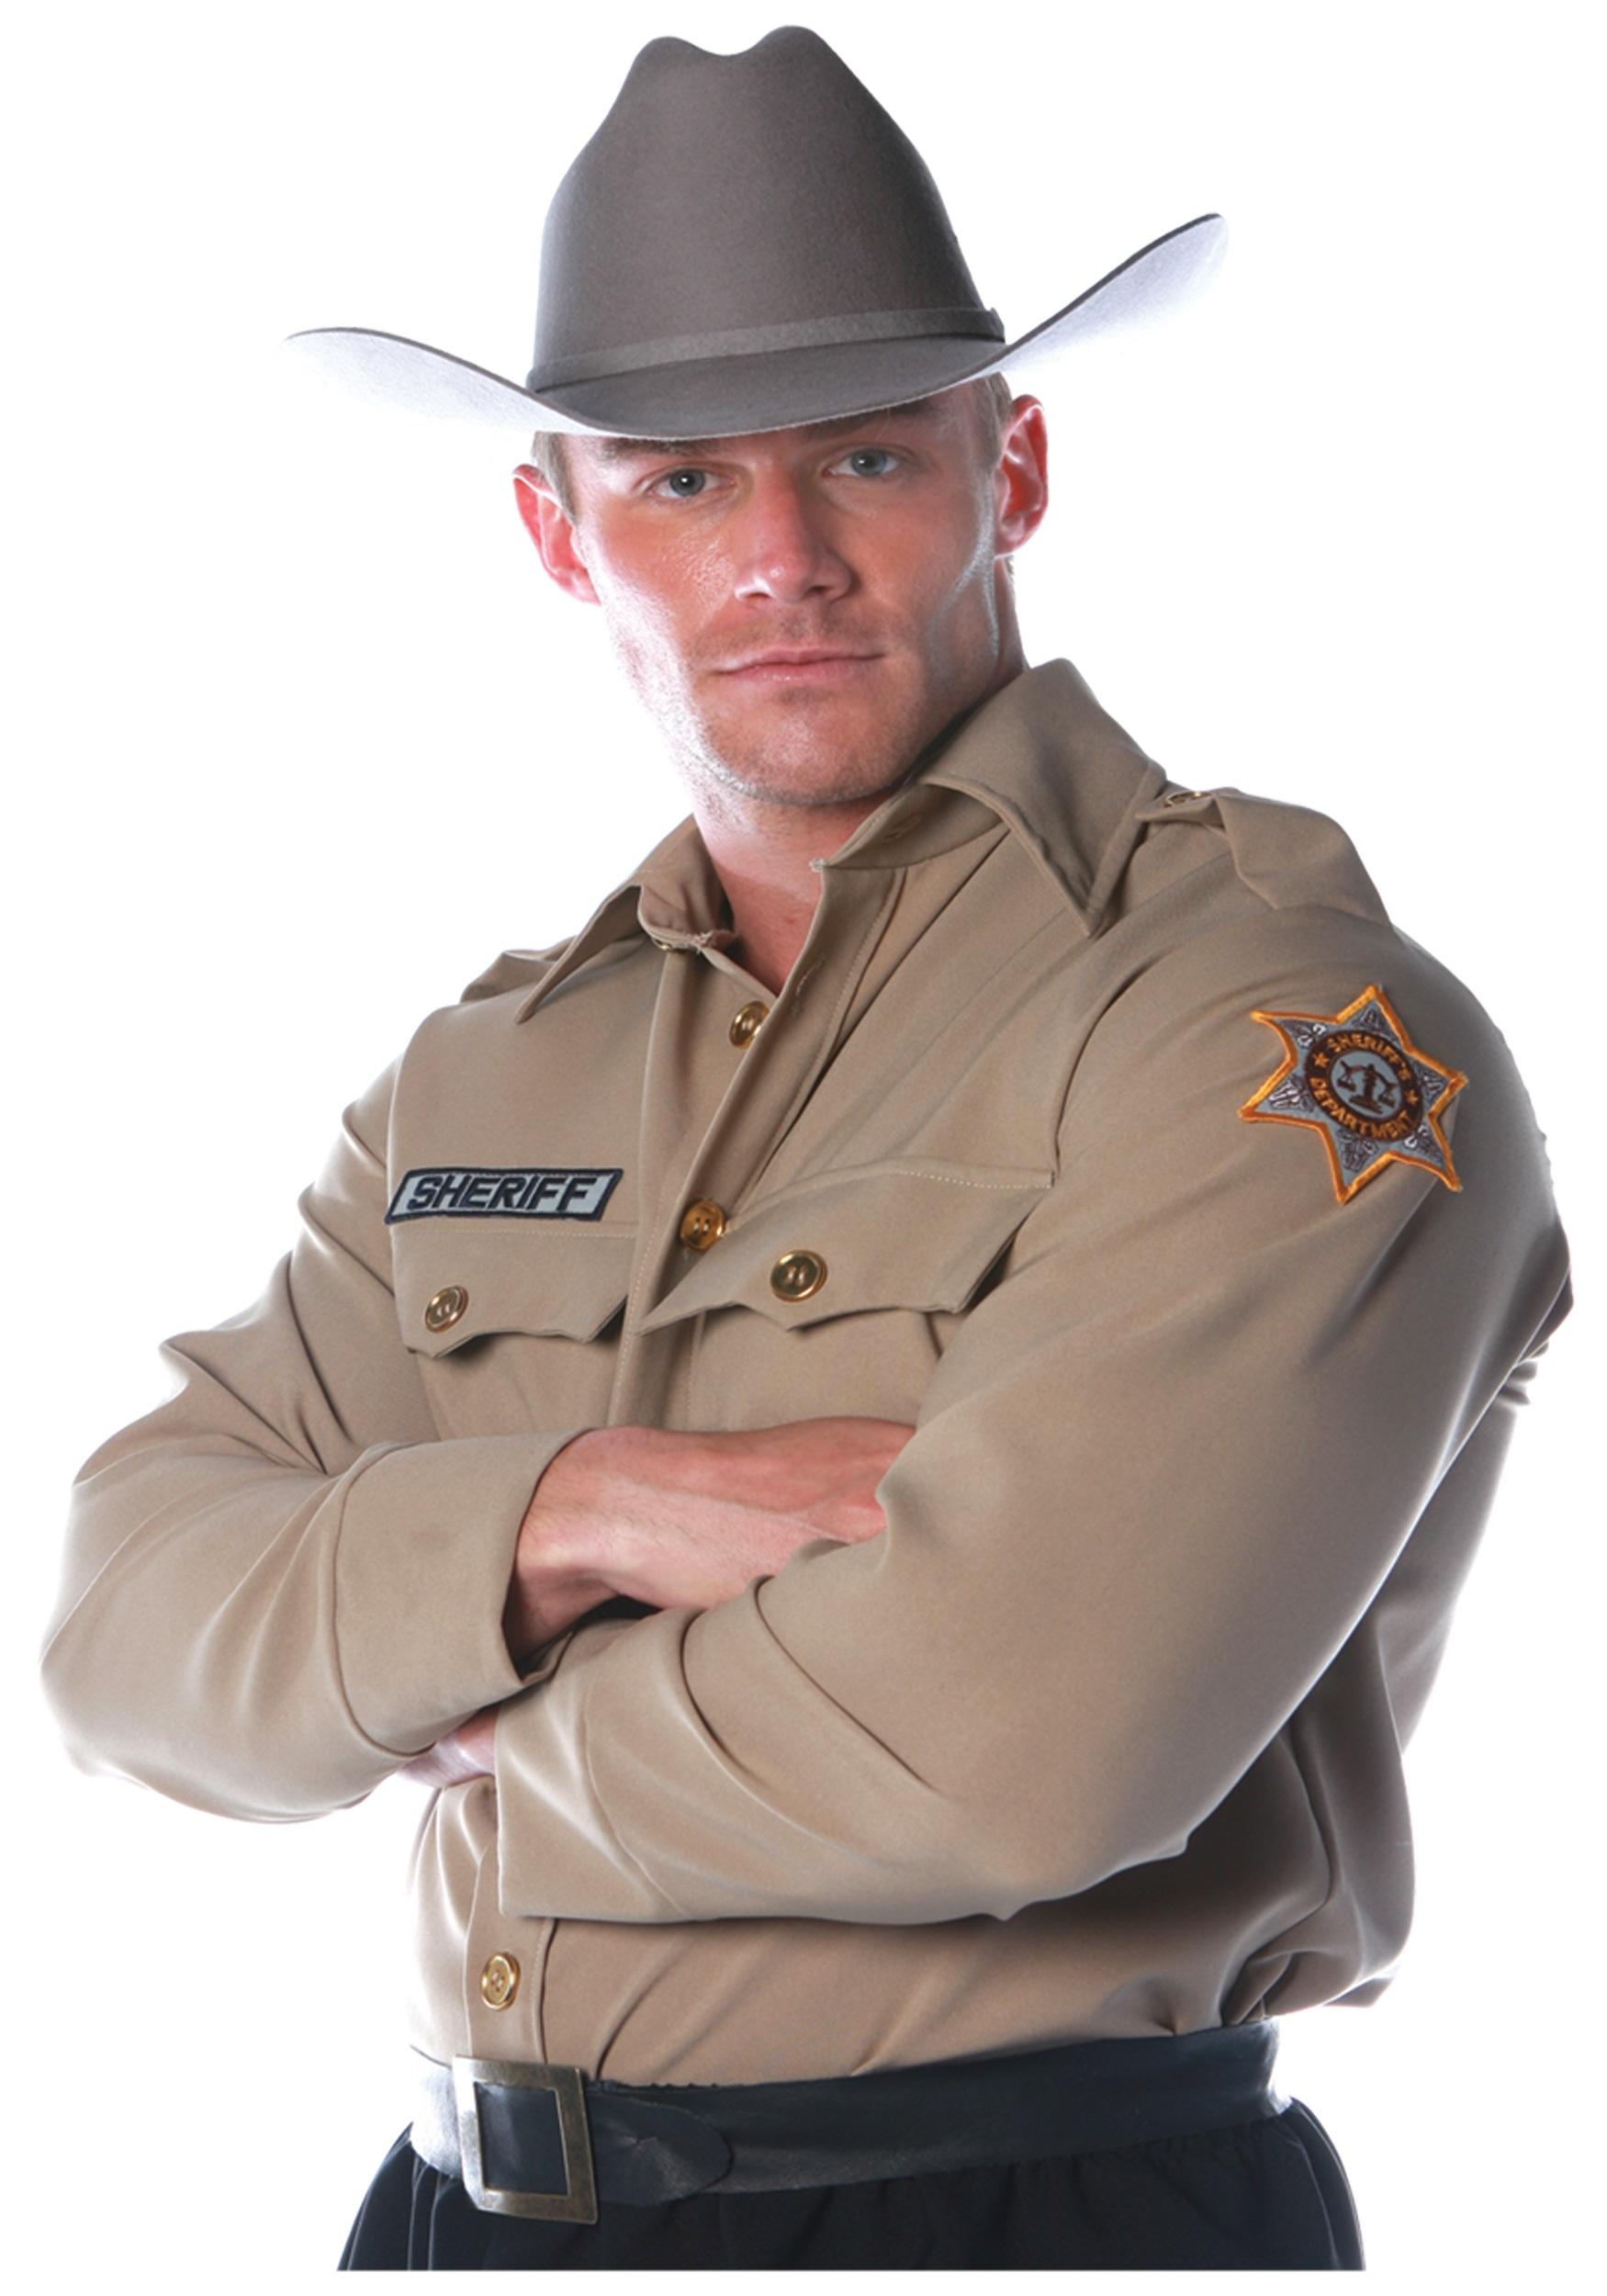 Cop Uniforms Halloween